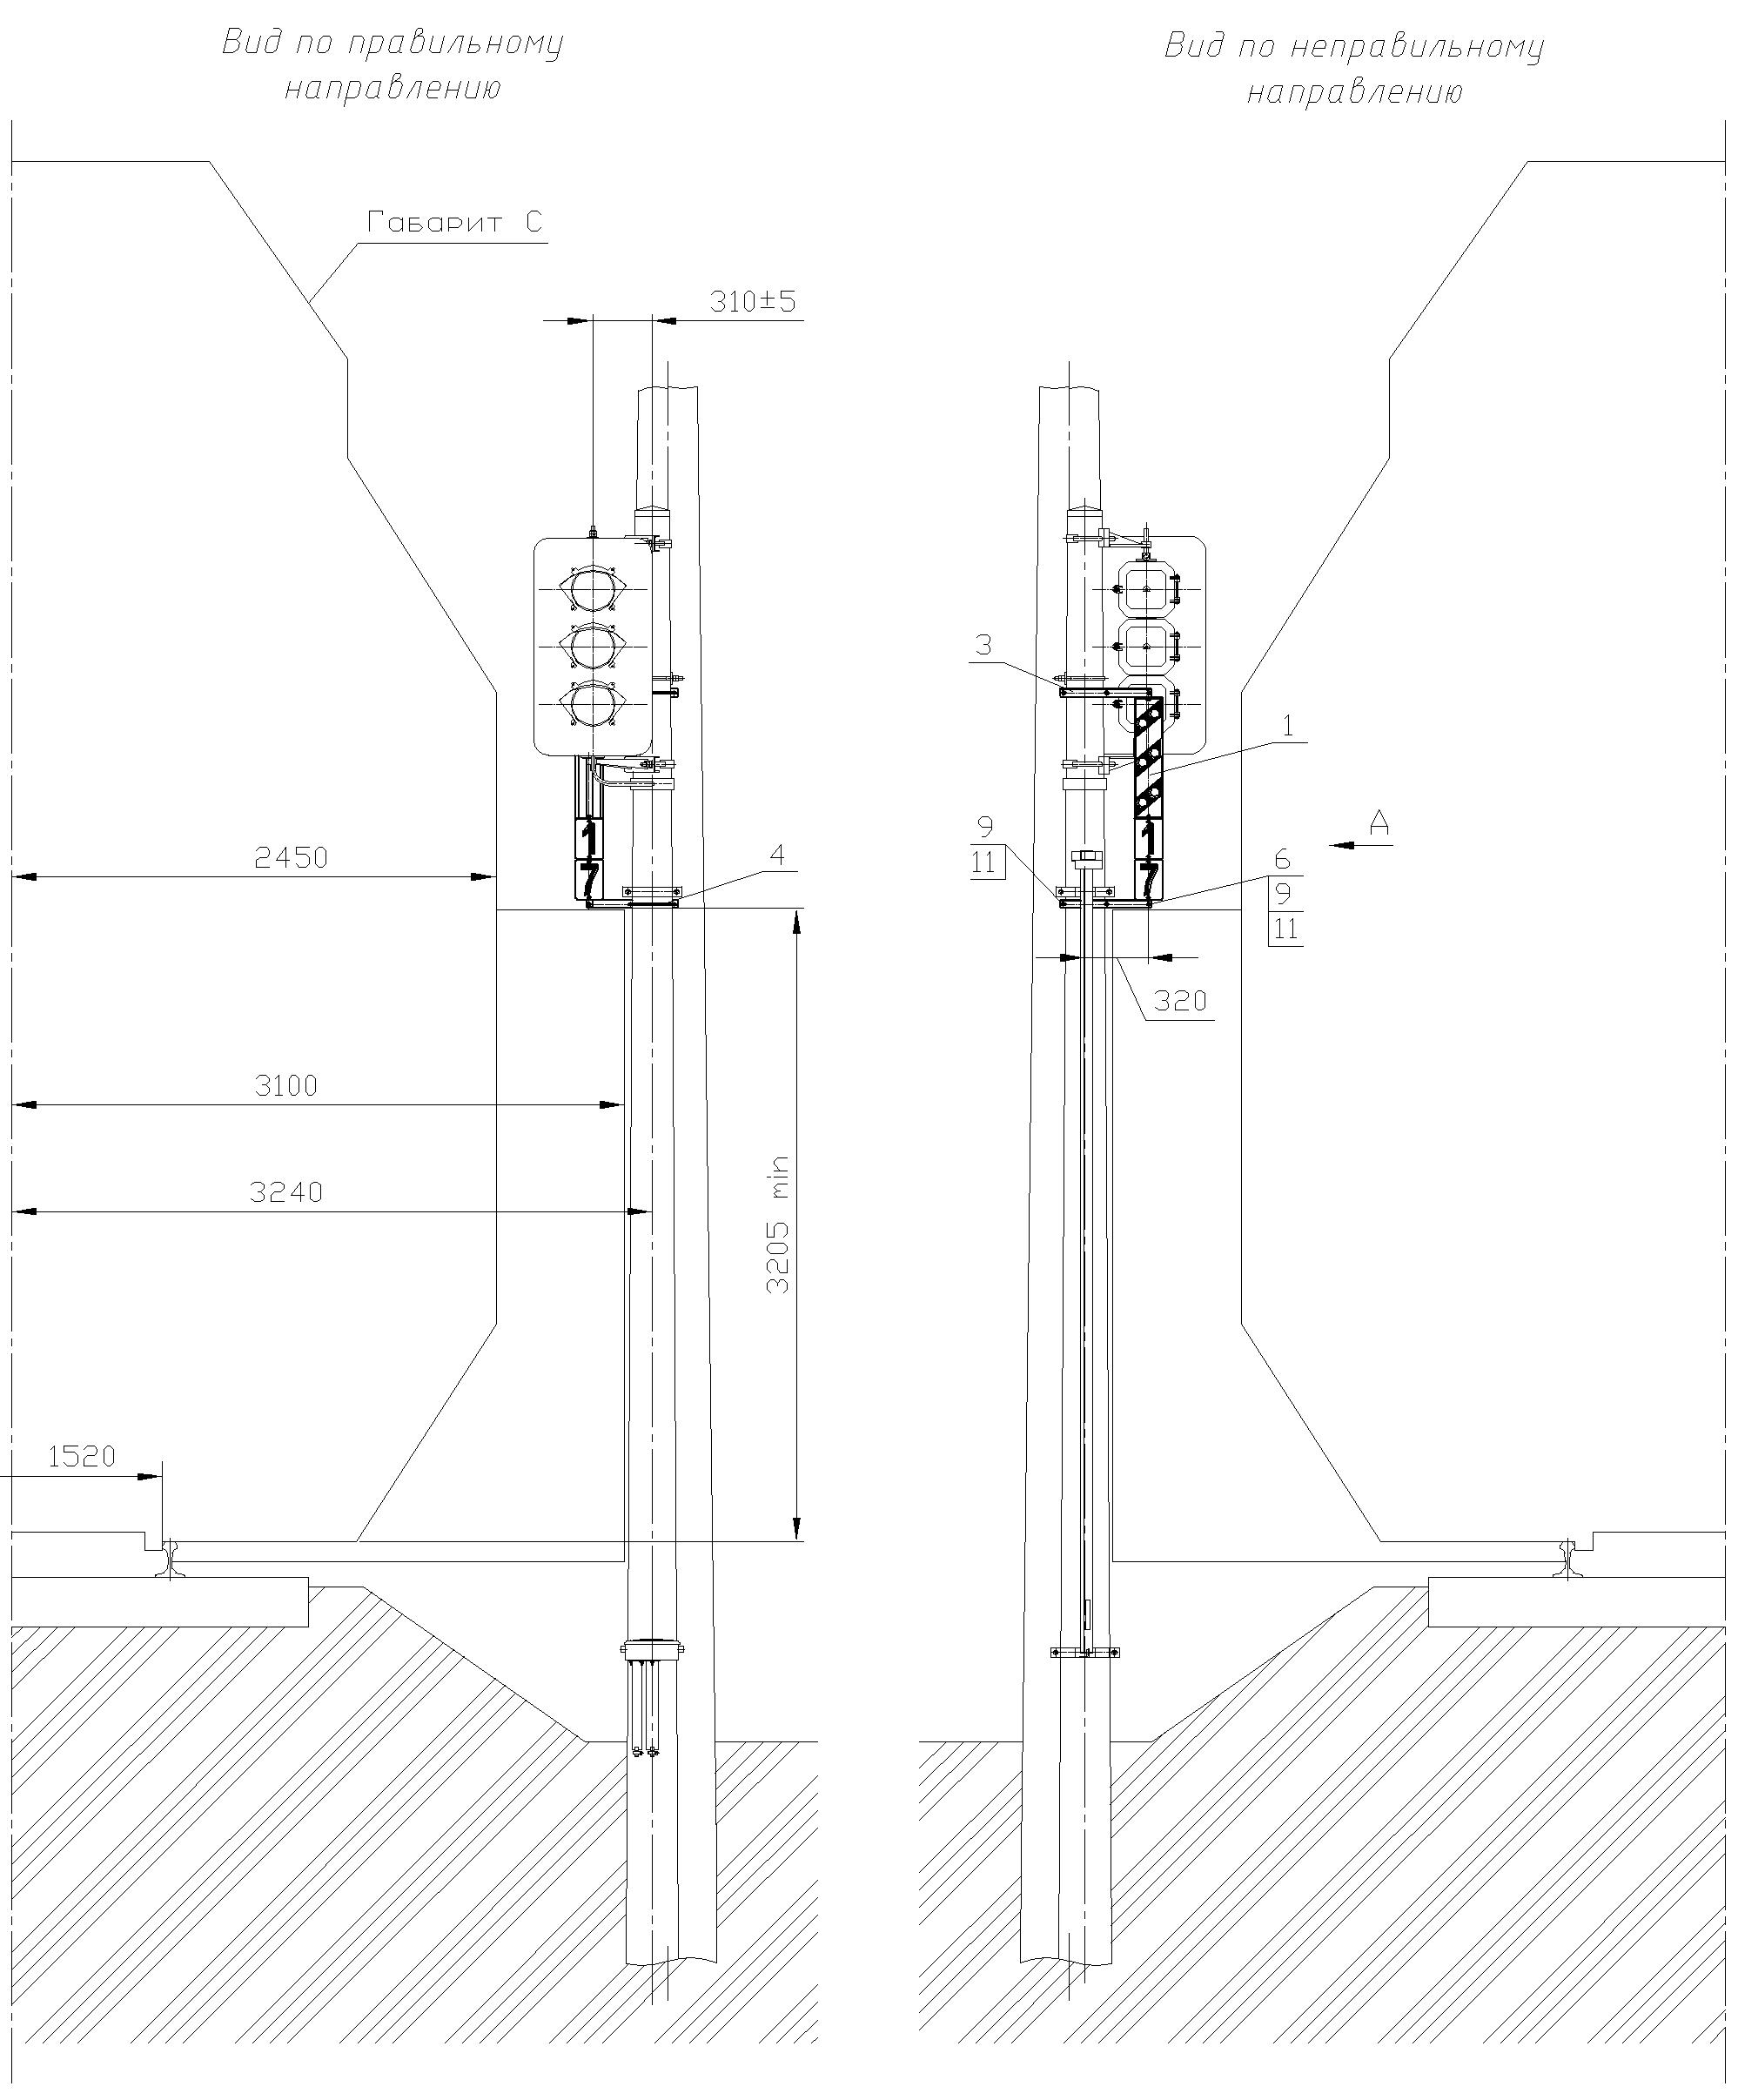 Рисунок 82. Вариант 2 крепления оповестительной табличкина мачте светофора